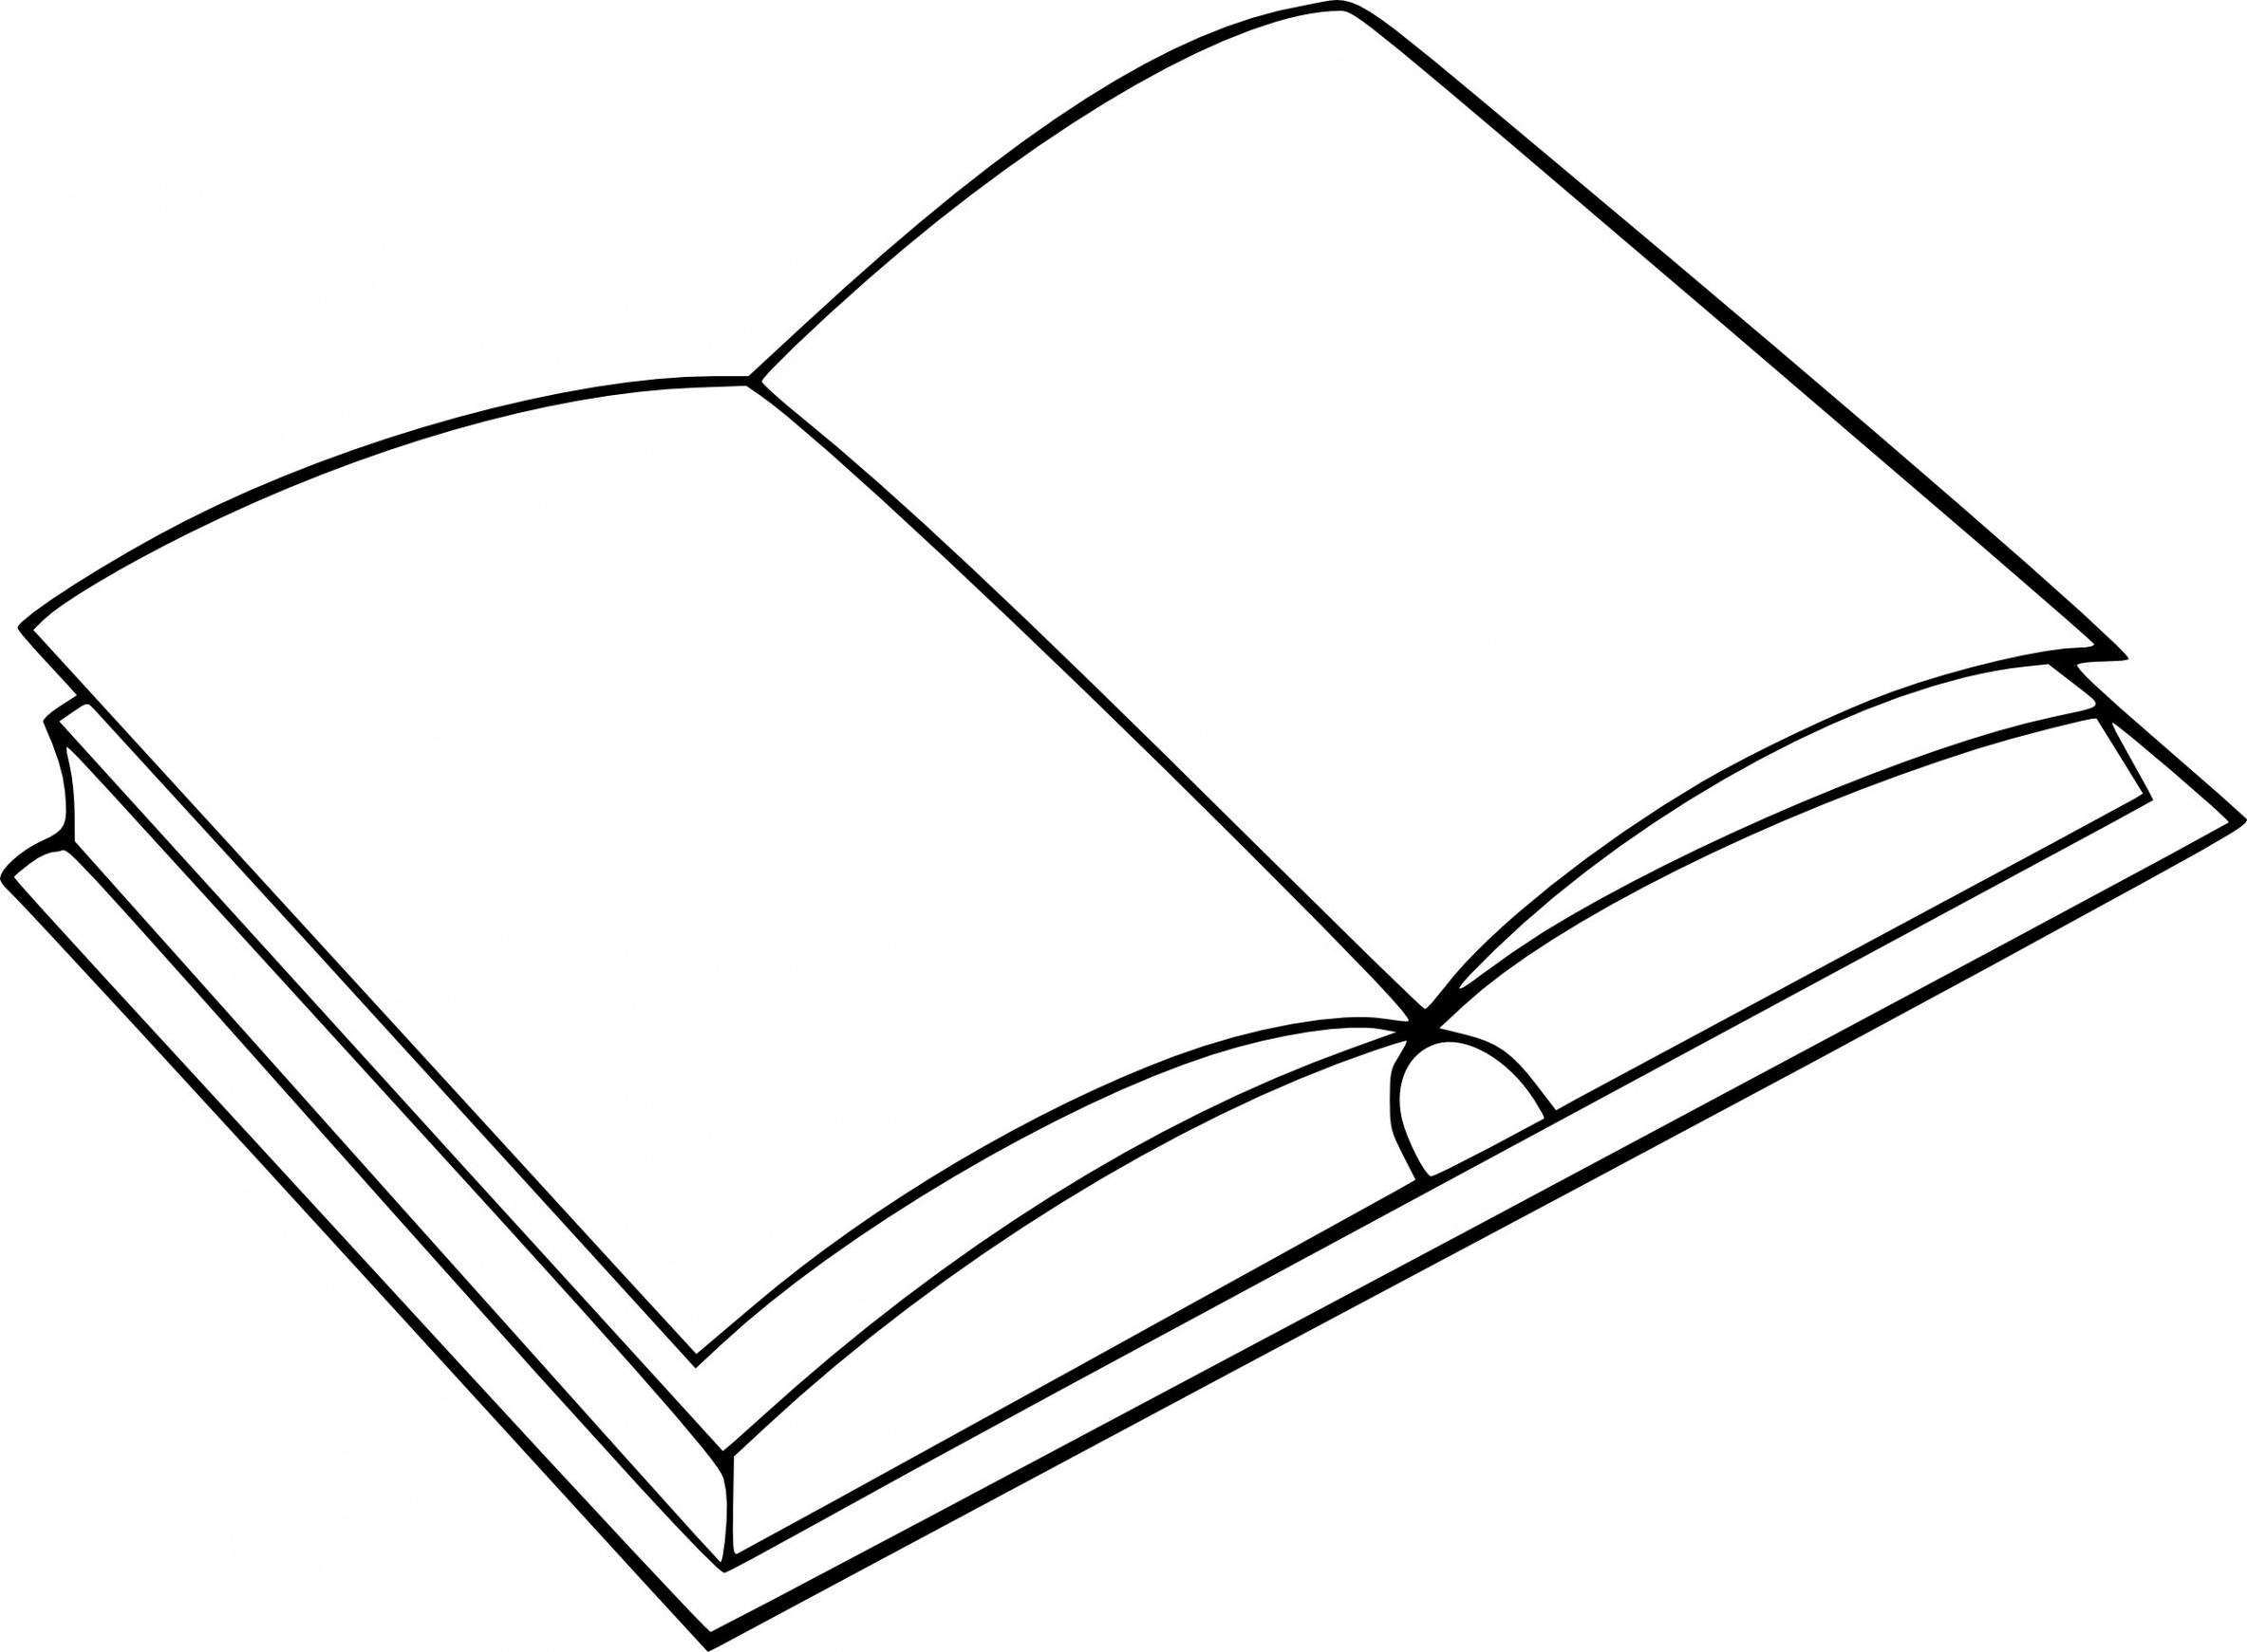 Livre En Dessin Facile destiné Livre De Coloriage À Imprimer